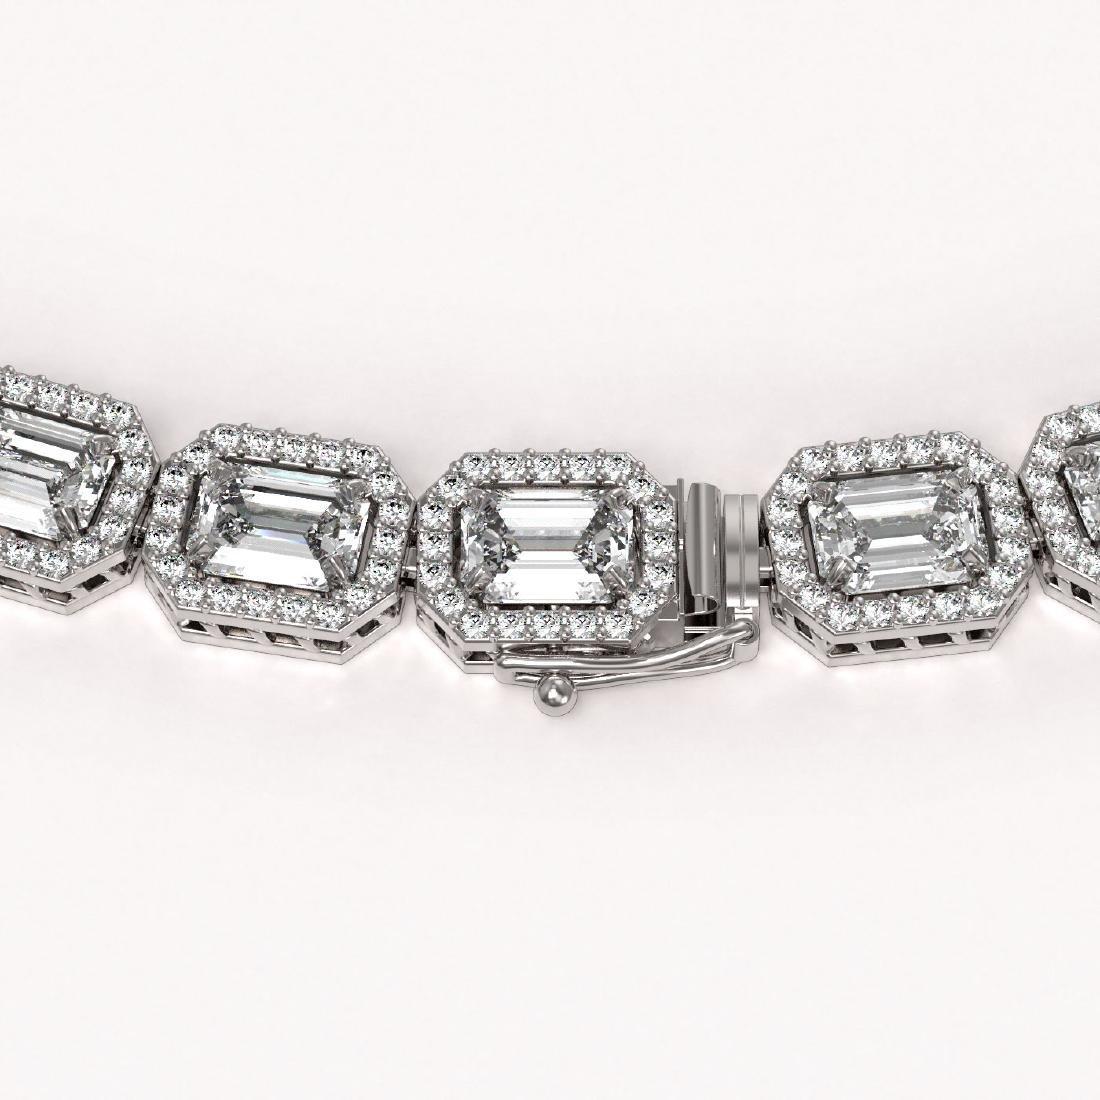 38.05 CTW Emerald Cut Diamond Designer Necklace 18K - 3